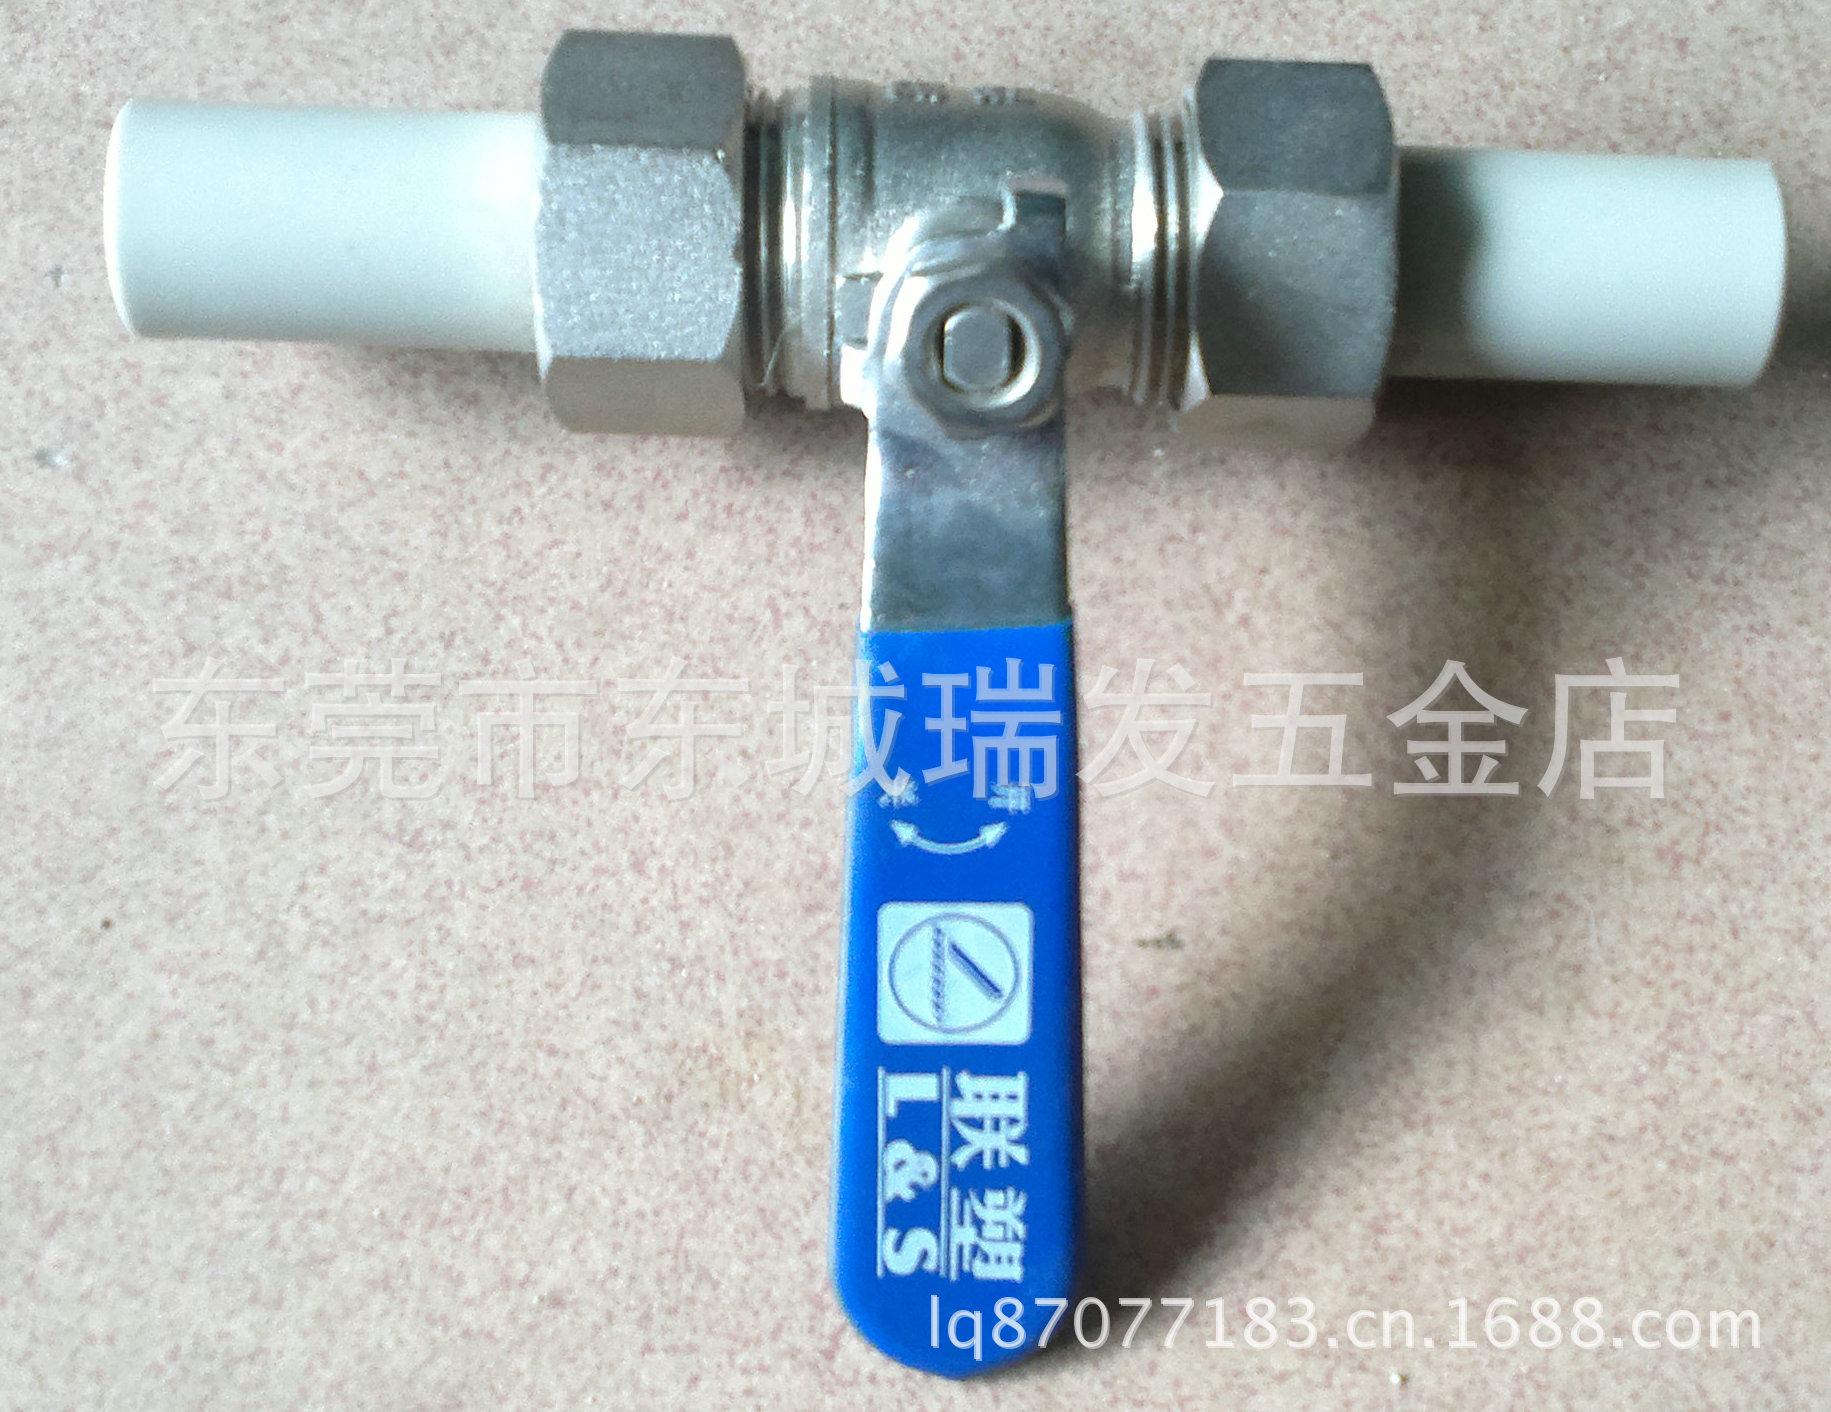 中国 联塑正品 PPR 水管 管件 20mm 4分 PPR活接球阀铜